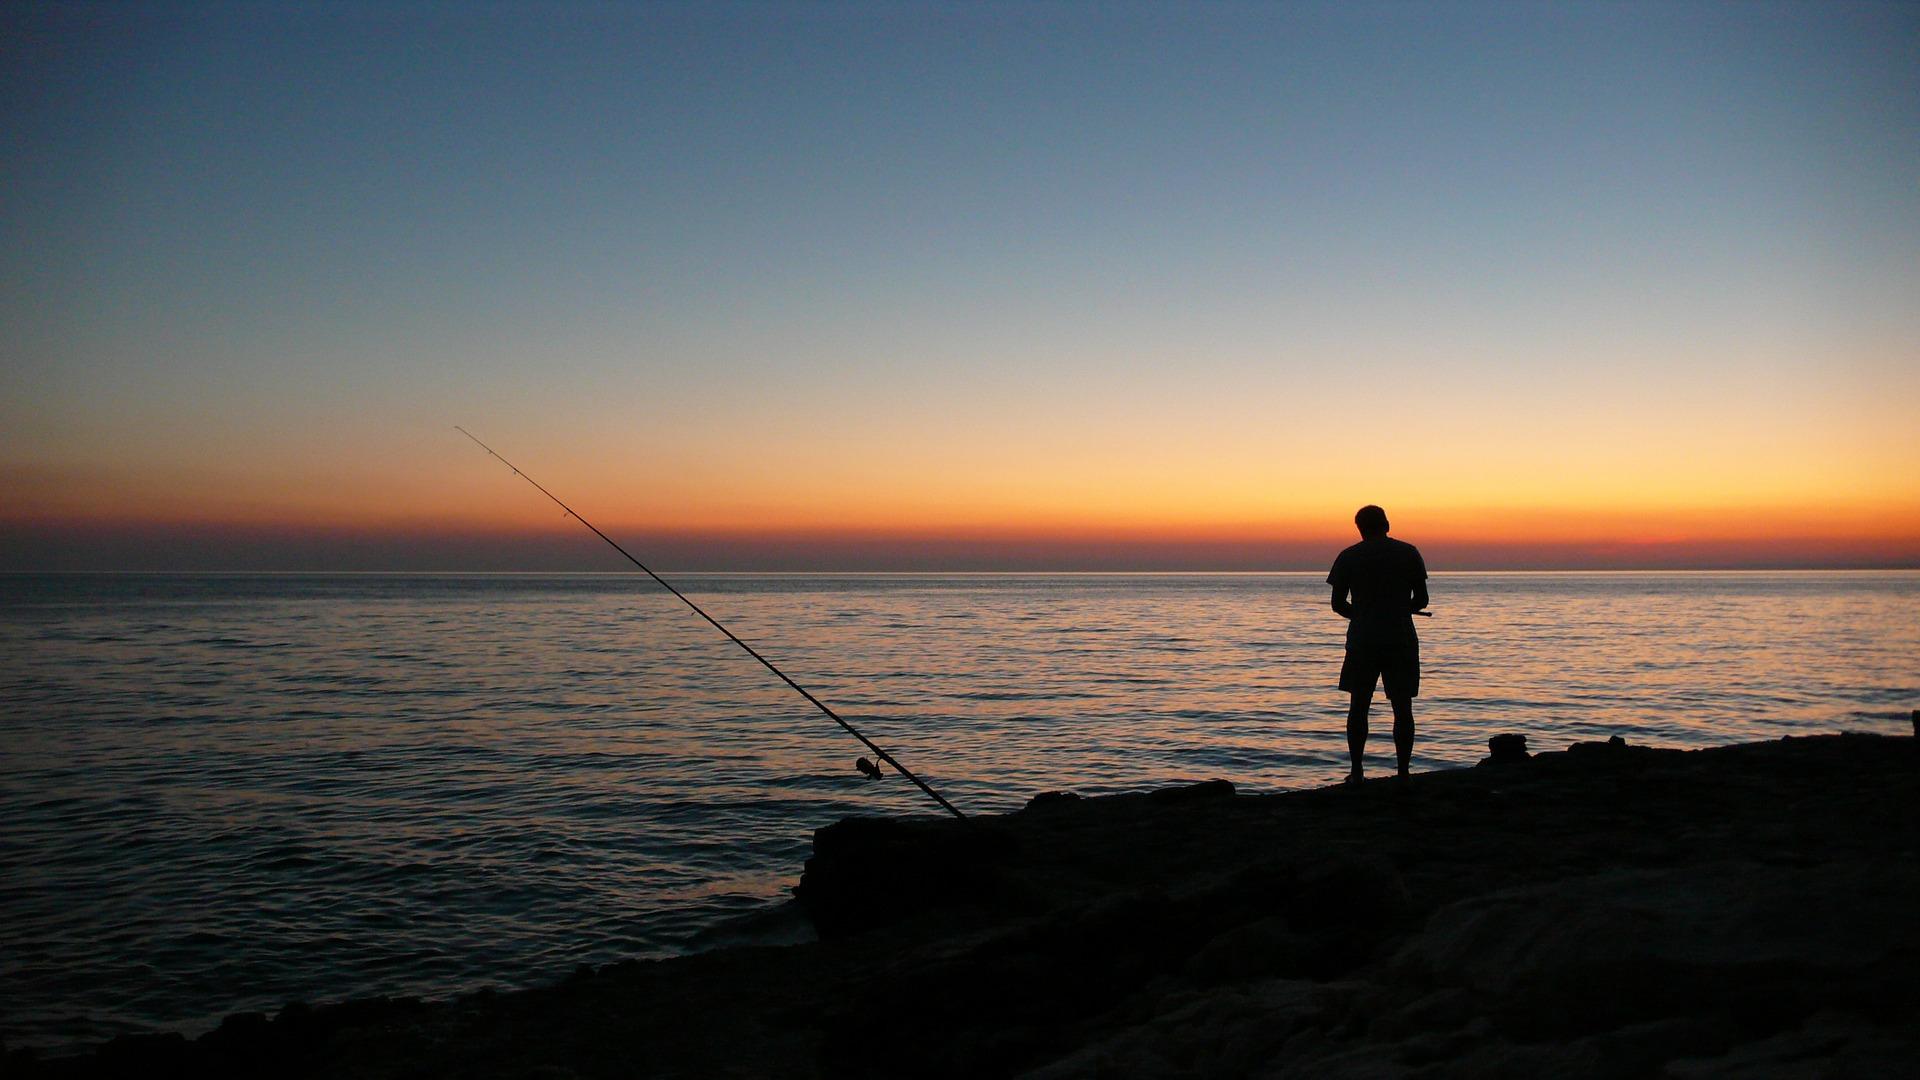 Studie ukázala, že rybaření je druhý nejrelaxačnější koníček. Uhodnete první?